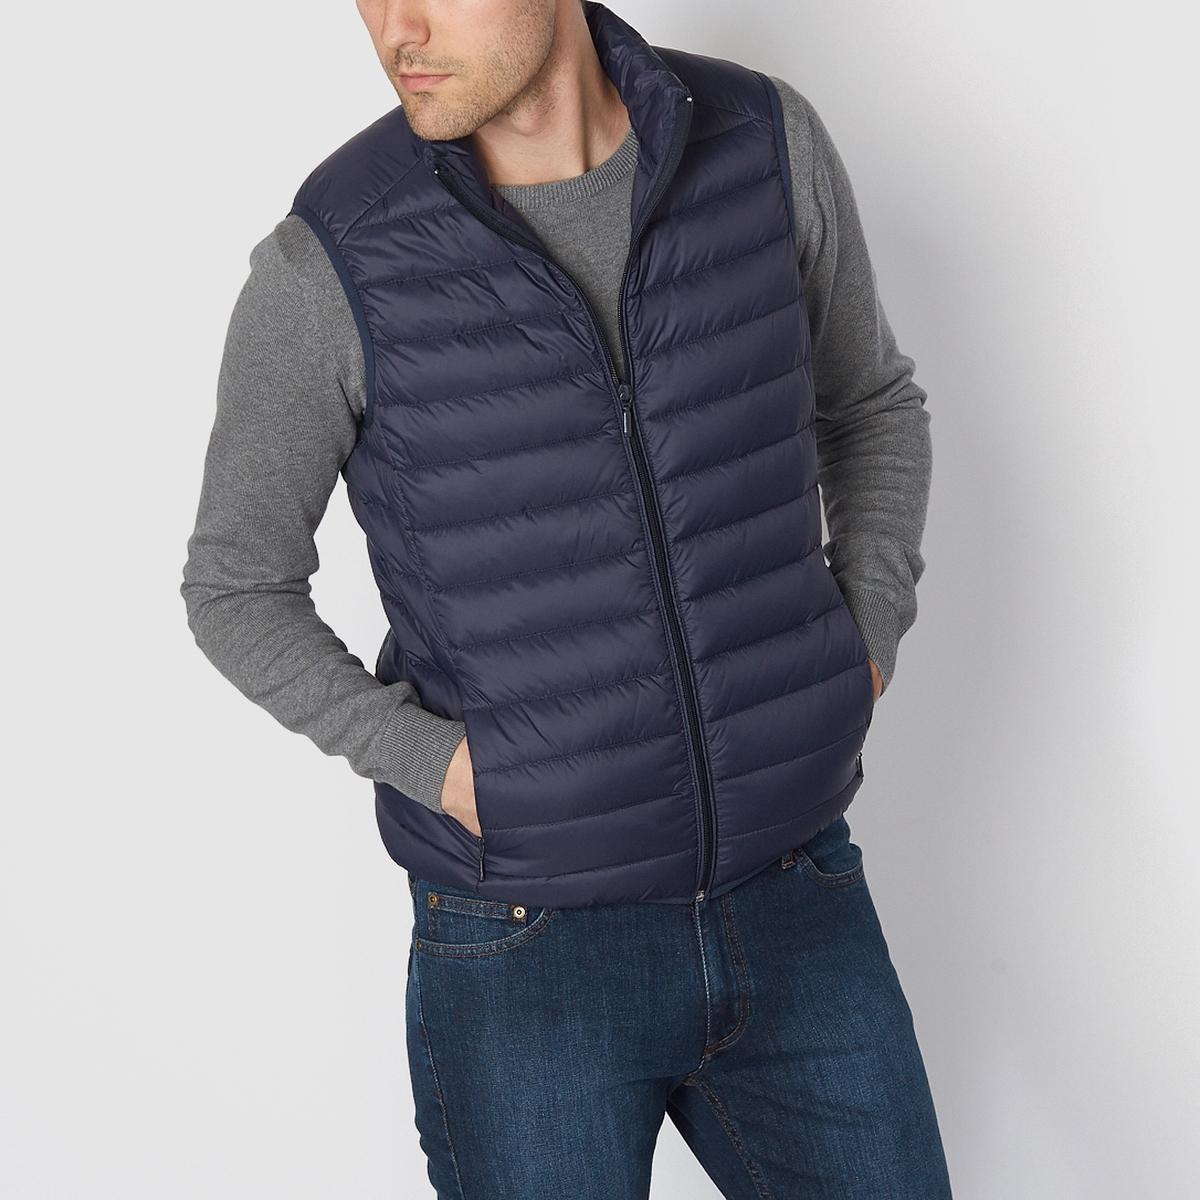 Куртка стеганая тонкая без рукавов MILO из переработанного полиэстера La Redoute Collections